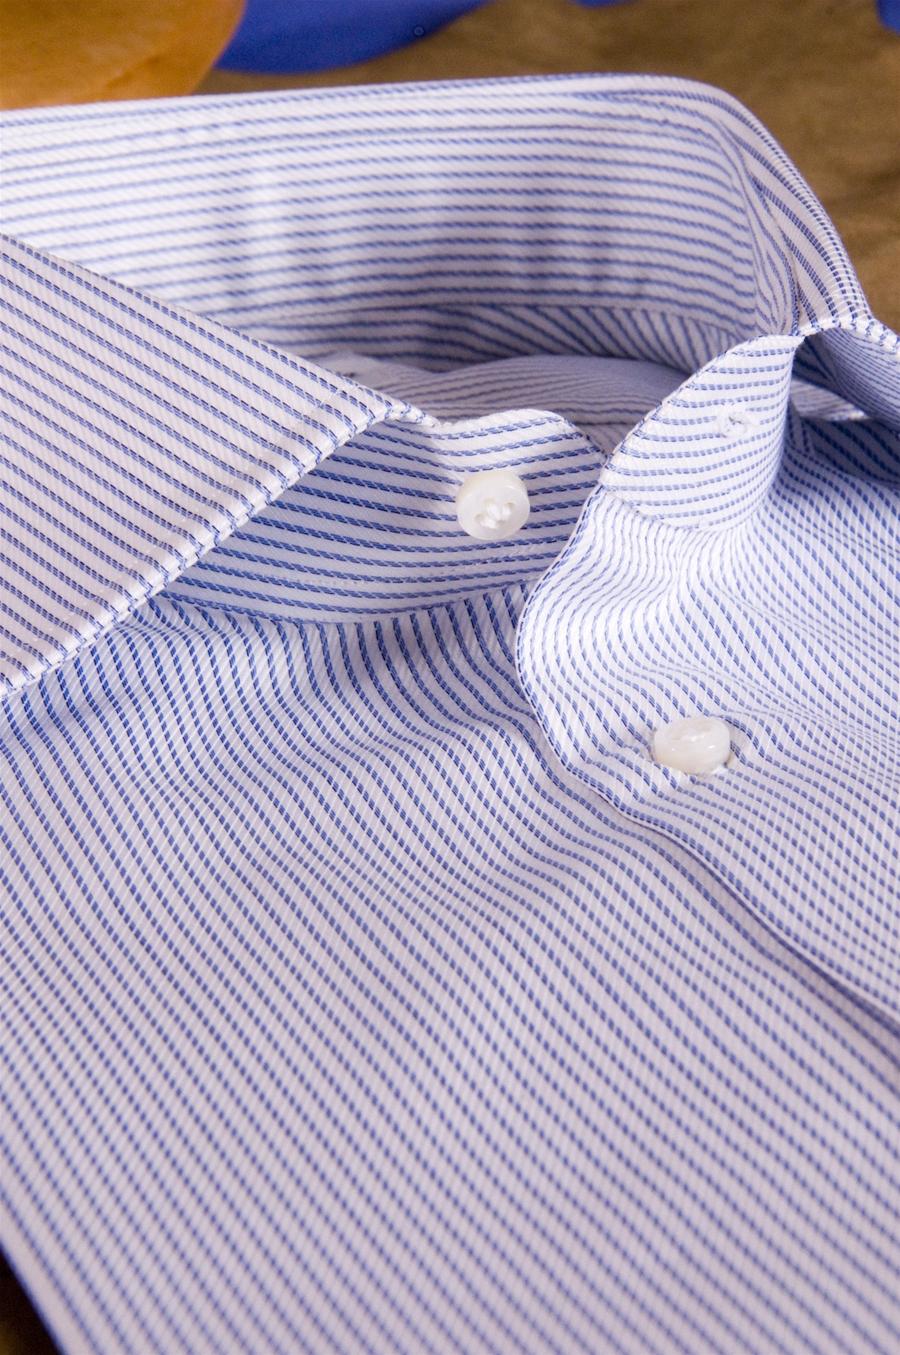 huge selection of f1ff6 f2ae0 Camicia a Righe Twill Sictess riga Design blu su bianco per Uomo su Misura